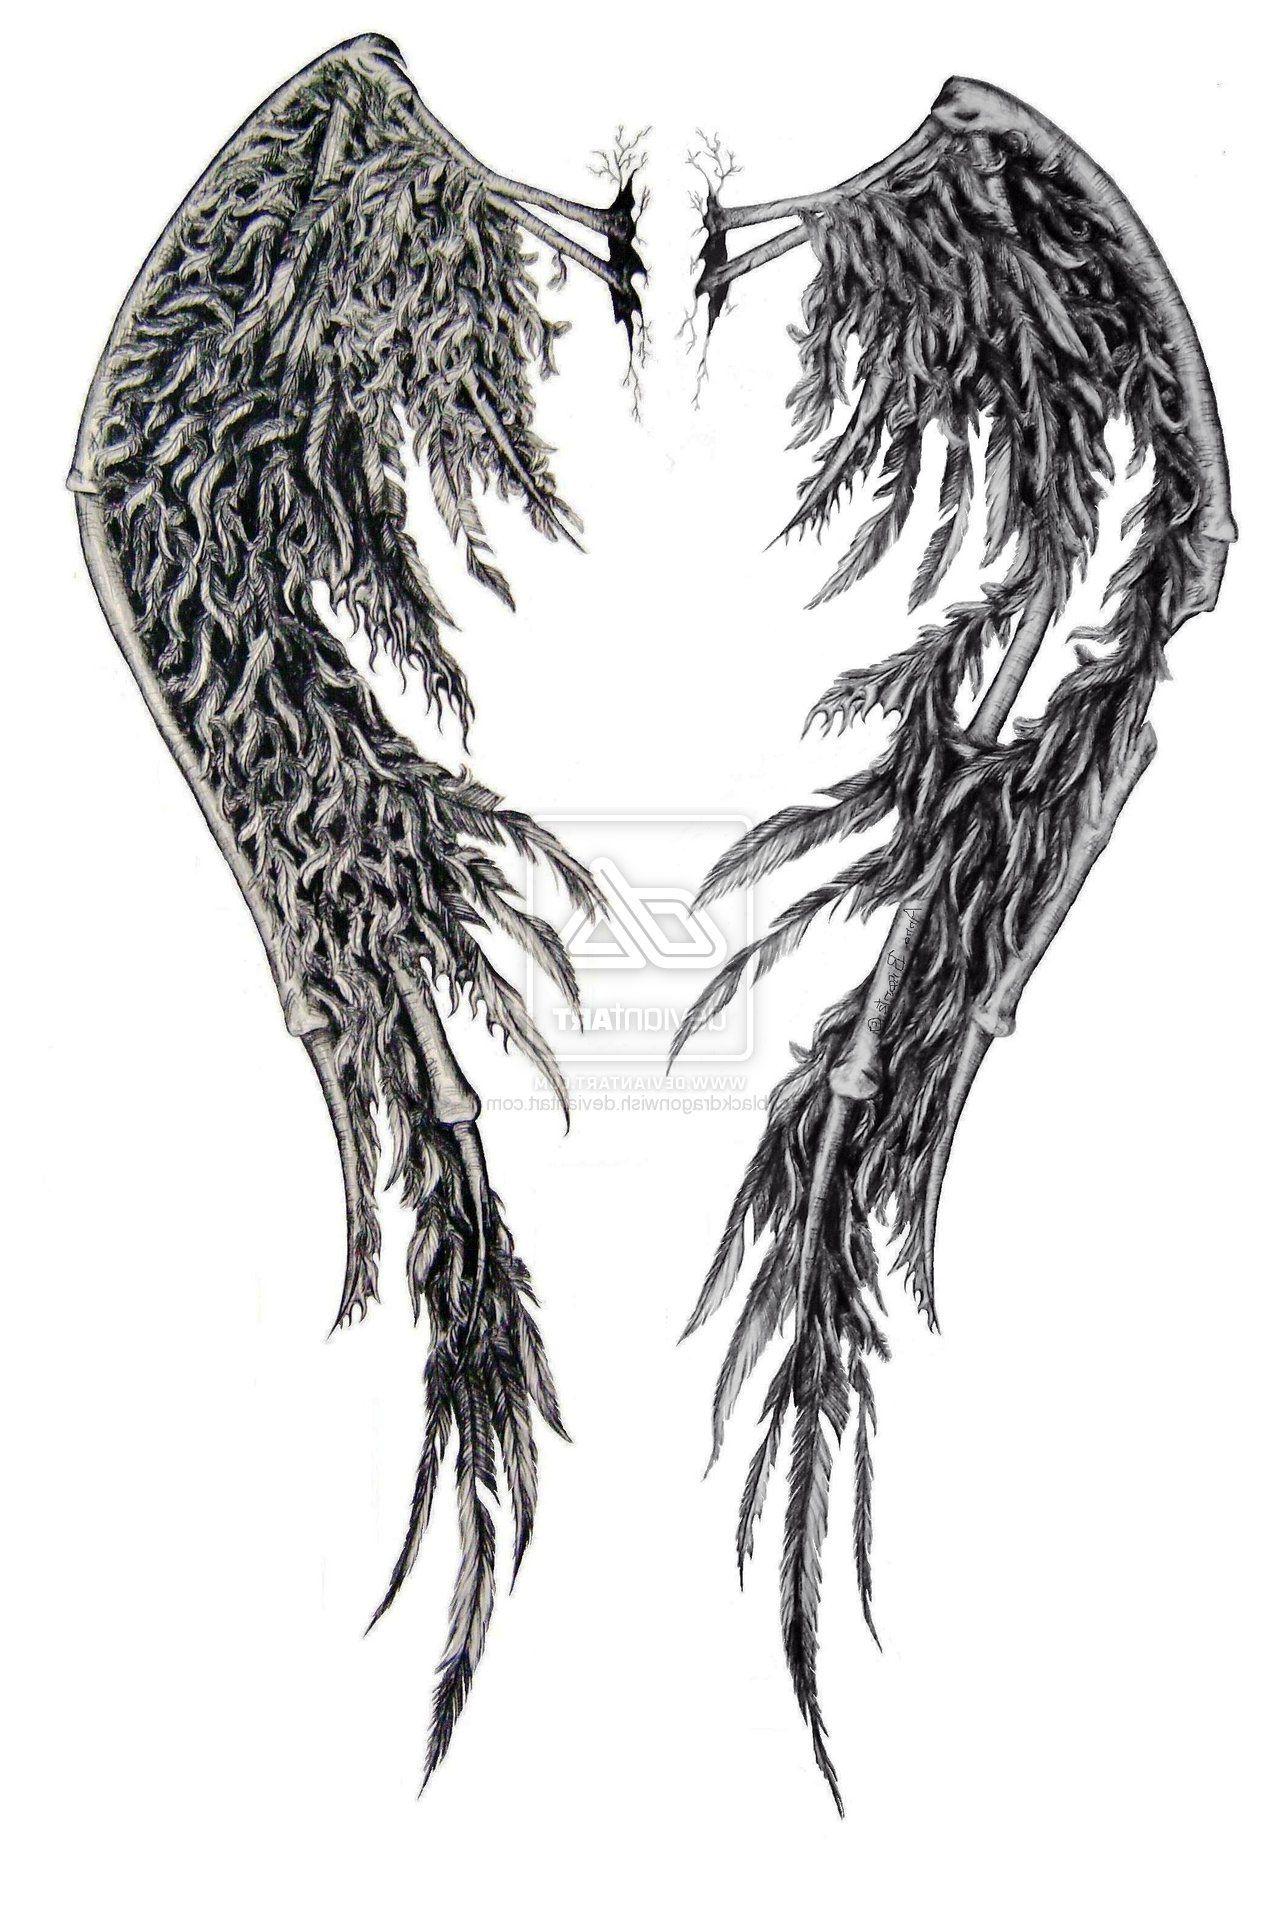 Angel Wing Tattoo Designs Free Cool Tattoos Angel Wings Tattoo On Back Angel Wings Tattoo Broken Wings Tattoo